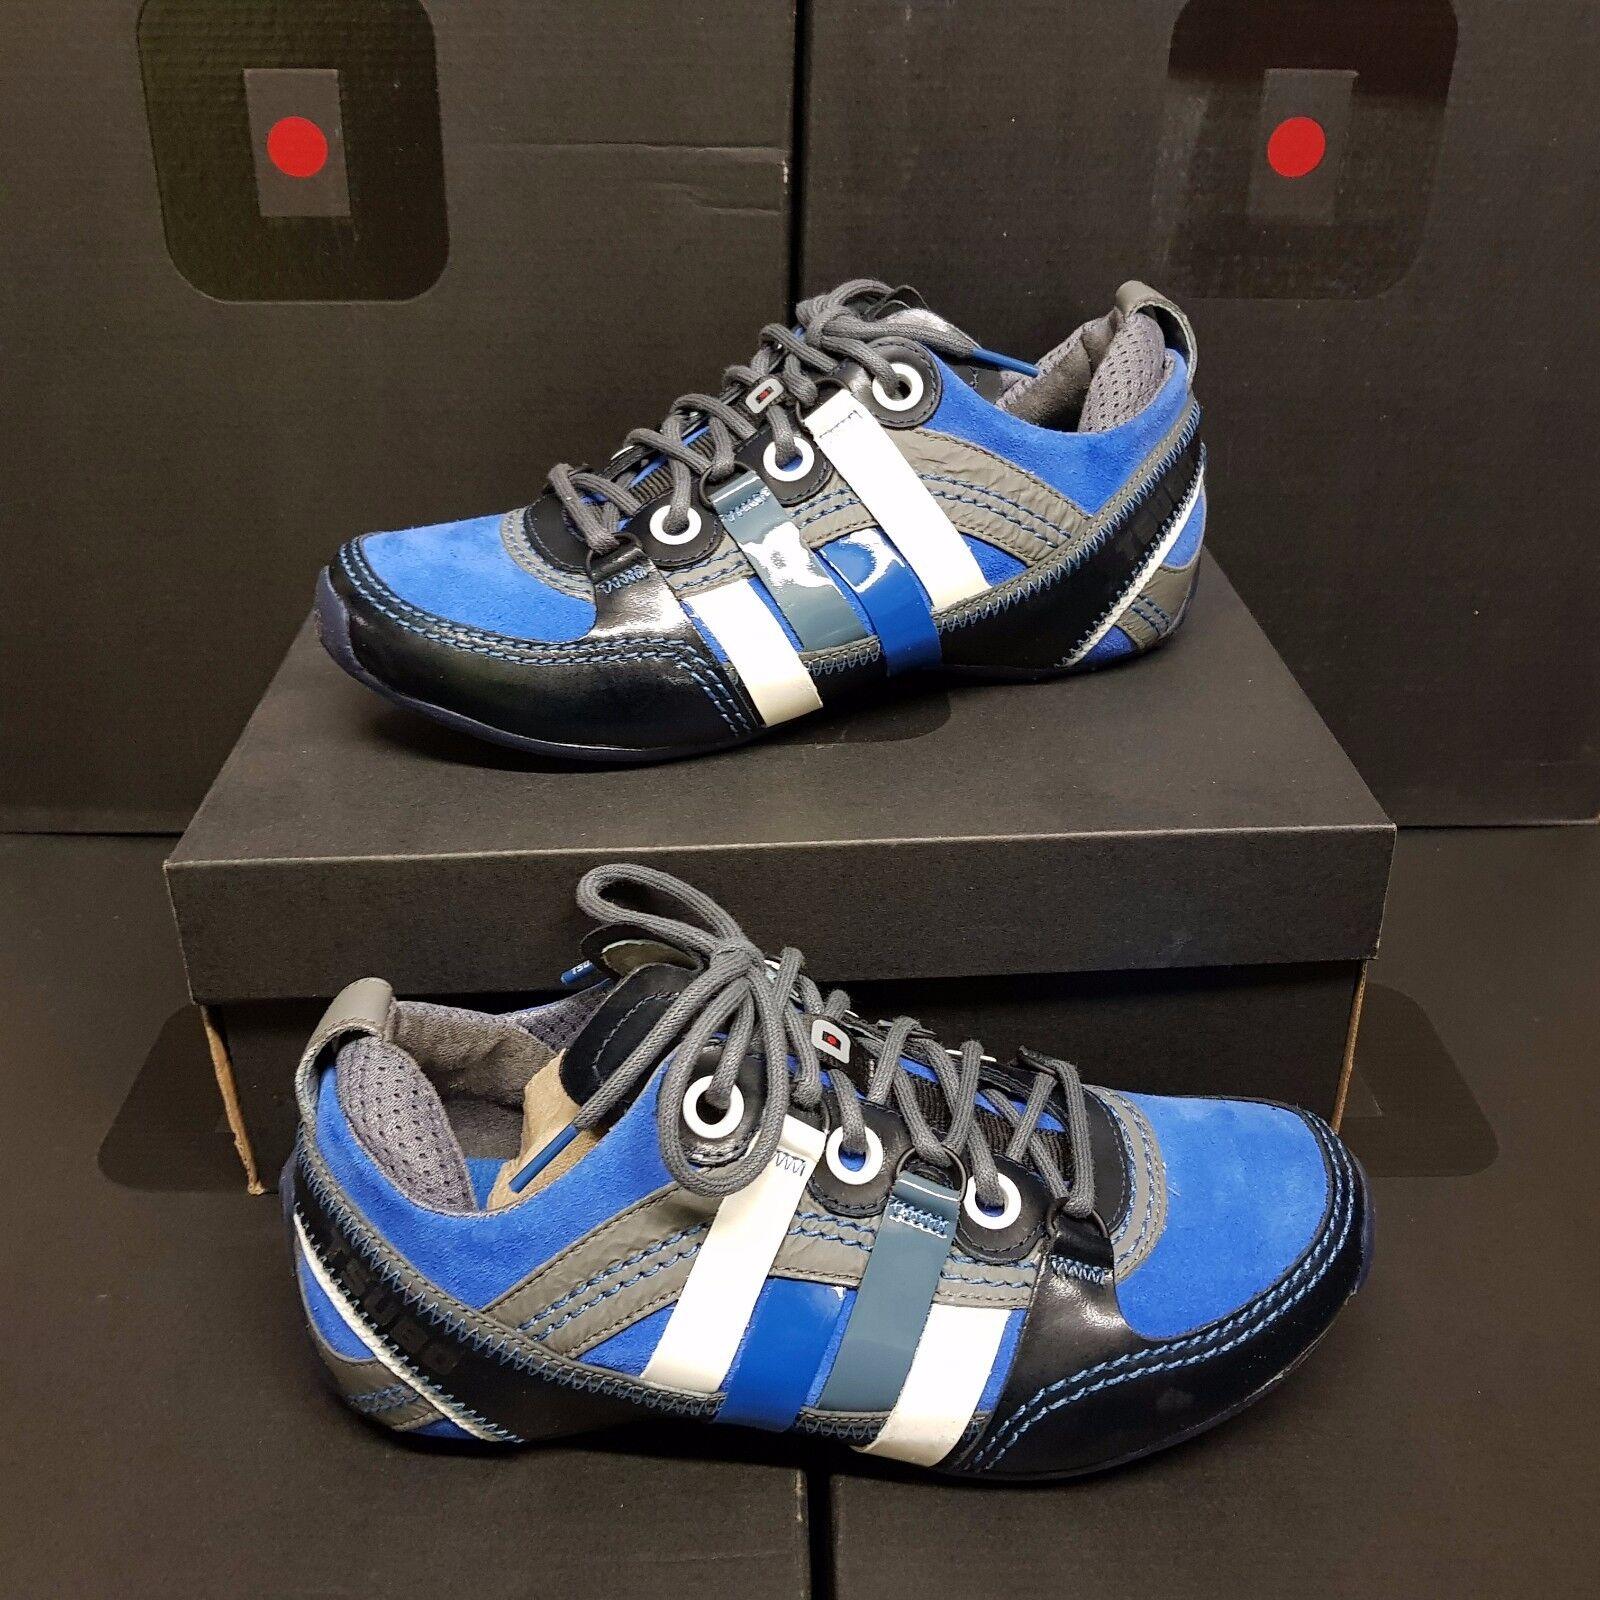 prezzi equi TSUBO  Tycho  Uomo Uomo Uomo scarpe da ginnastica scarpe Cuir blu US 9     EUR 42 (rrp )  risparmia fino al 50%